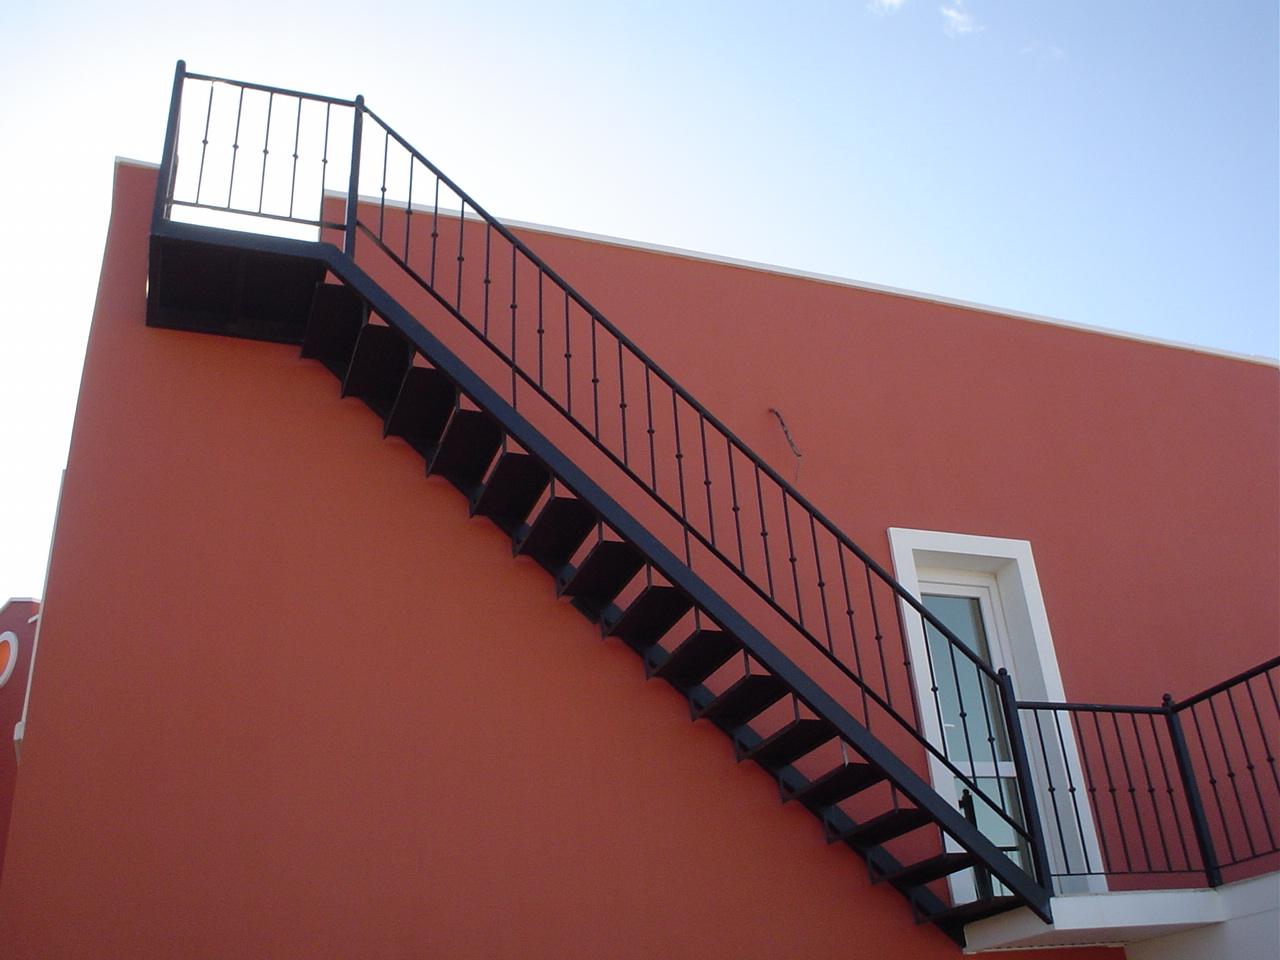 Acero inoxidable tenerife escaleras met licas tenerife - Escaleras para exterior ...